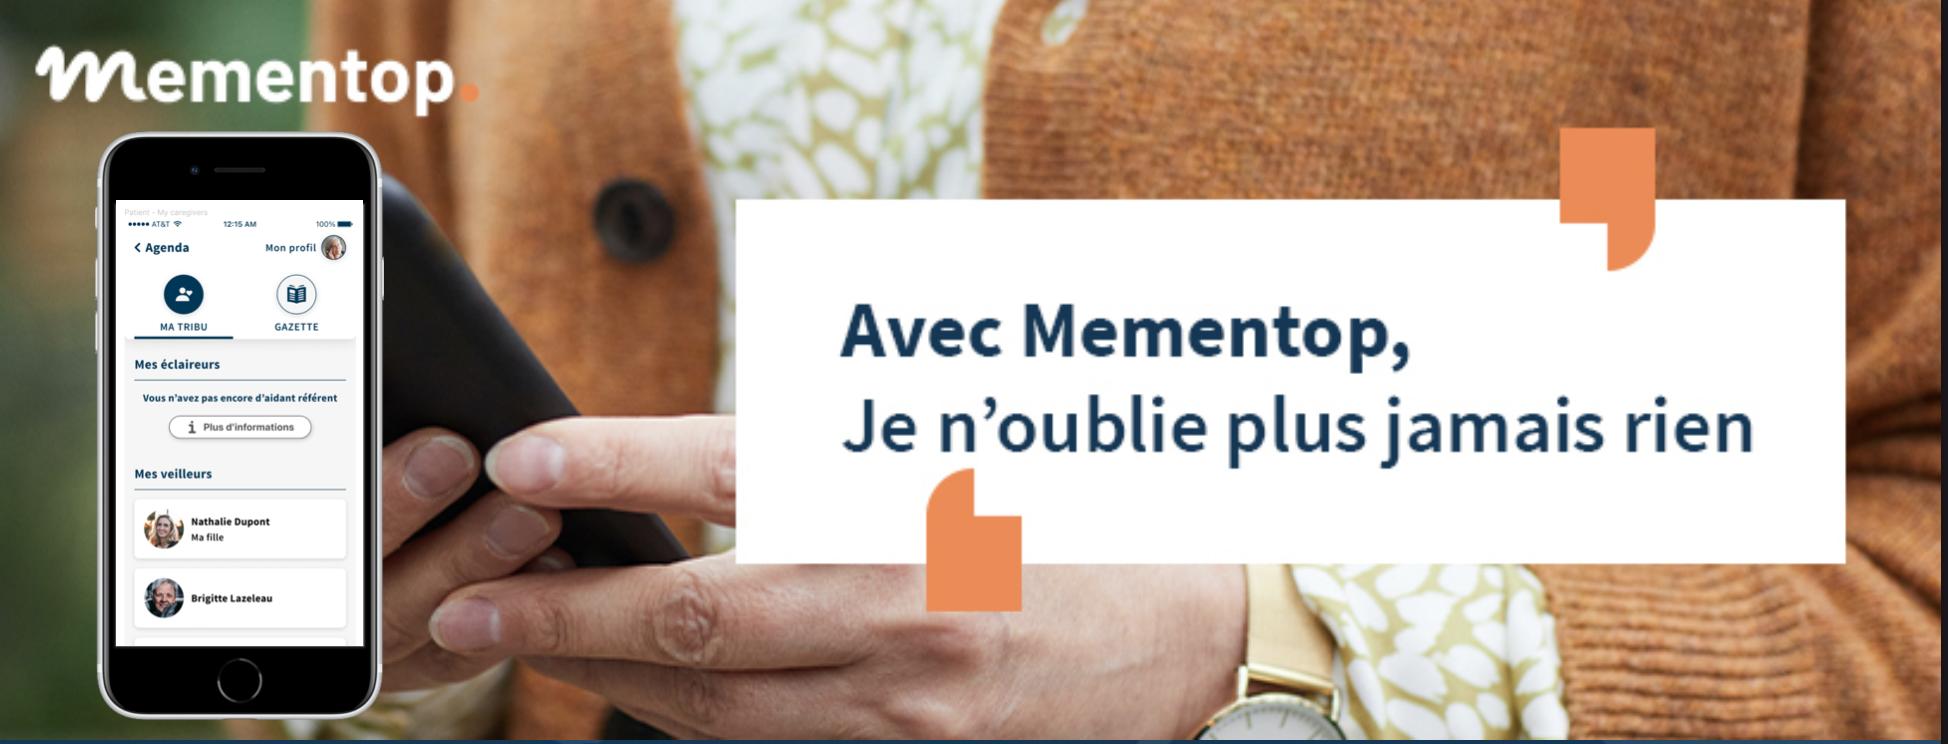 Mementop 1.1 accroît la confidentialité de vos informations